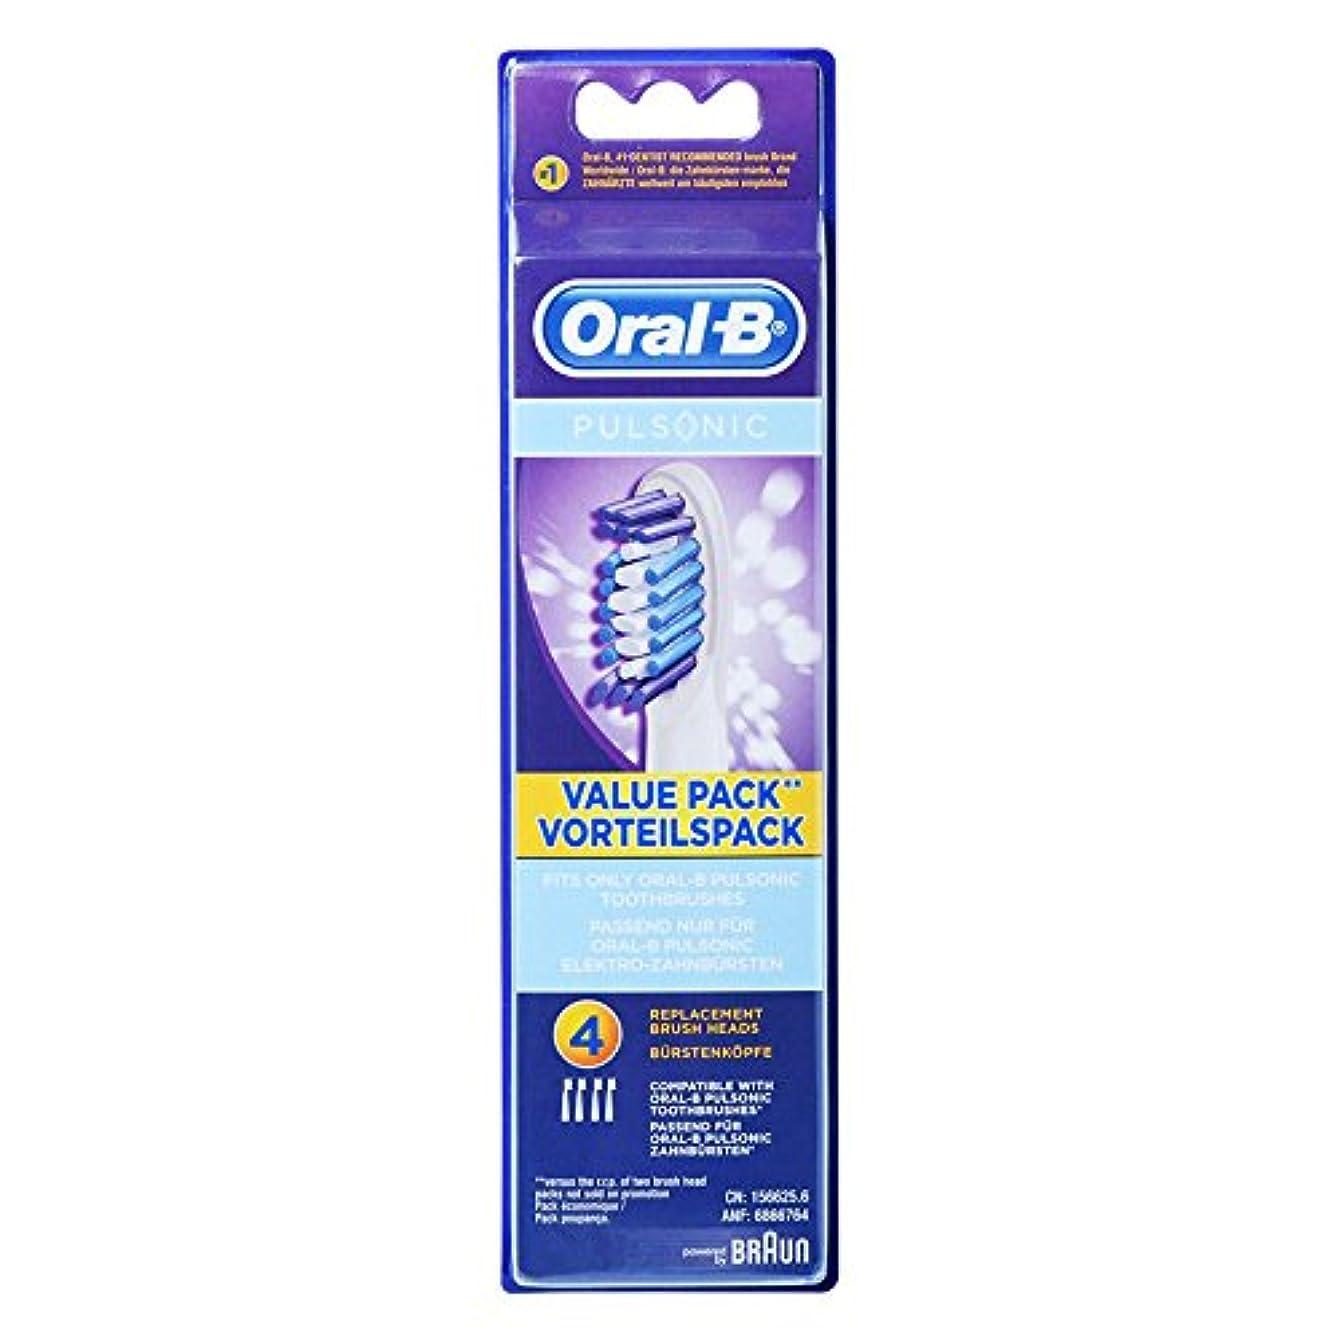 リストスラックゆりかごBraun Oral-B SR32-4 Pulsonic Value Pack 交換用ブラシヘッド 1Pack [並行輸入品]